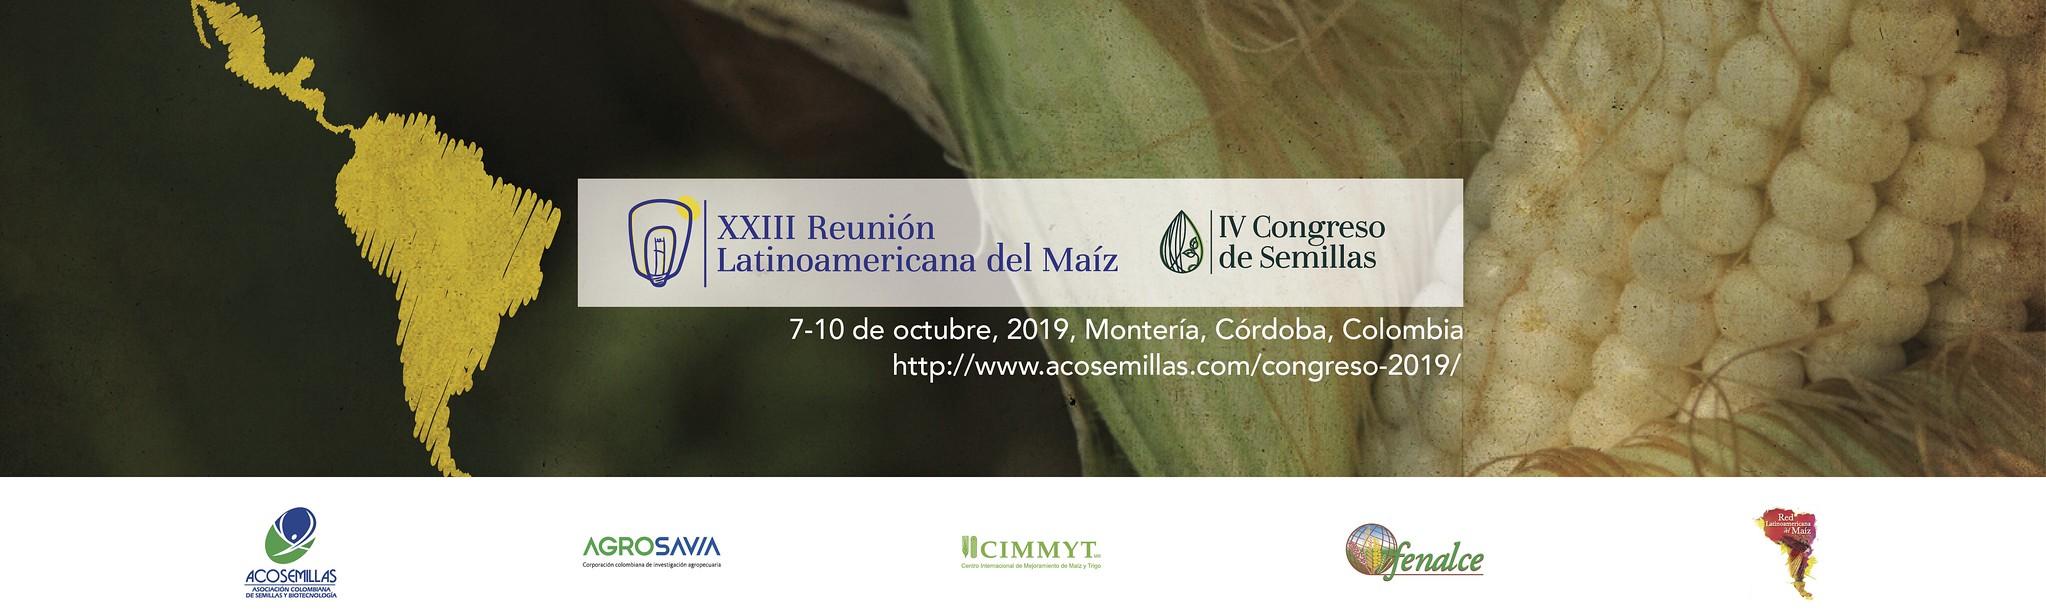 XXIII Reunión Latinoamericana del Maíz y IV Congreso de Semillas, oportunidades para hacer más sustentable el agro de la región